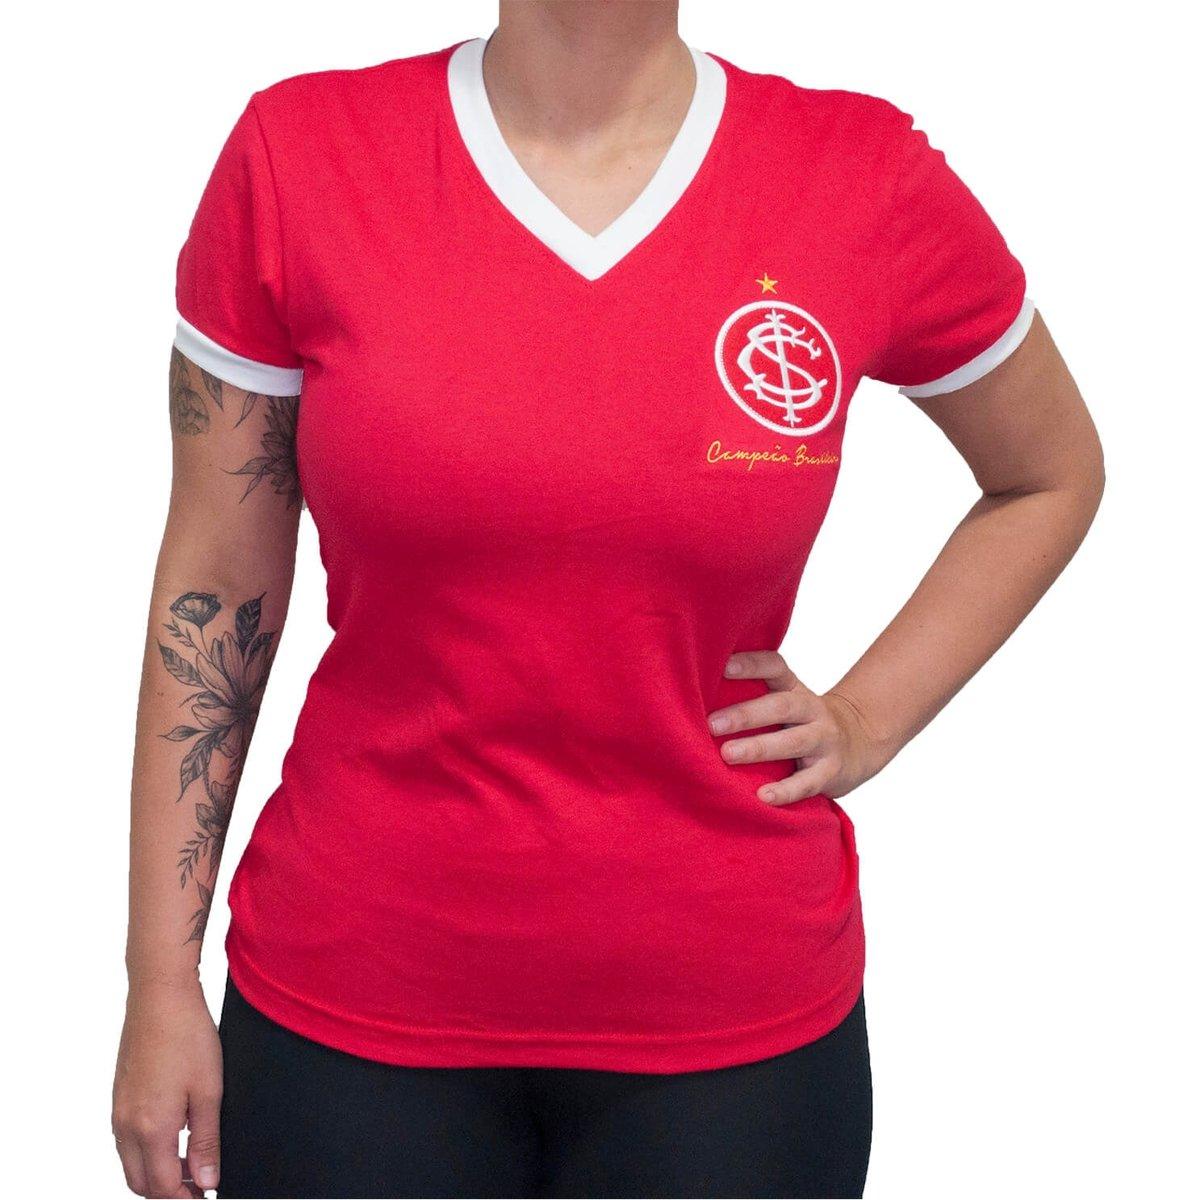 6cbf472337 Vermelho Retrô Camisa Retrô Camisa Internacional 1975 Mania Feminina  g00qEwZ6a ...